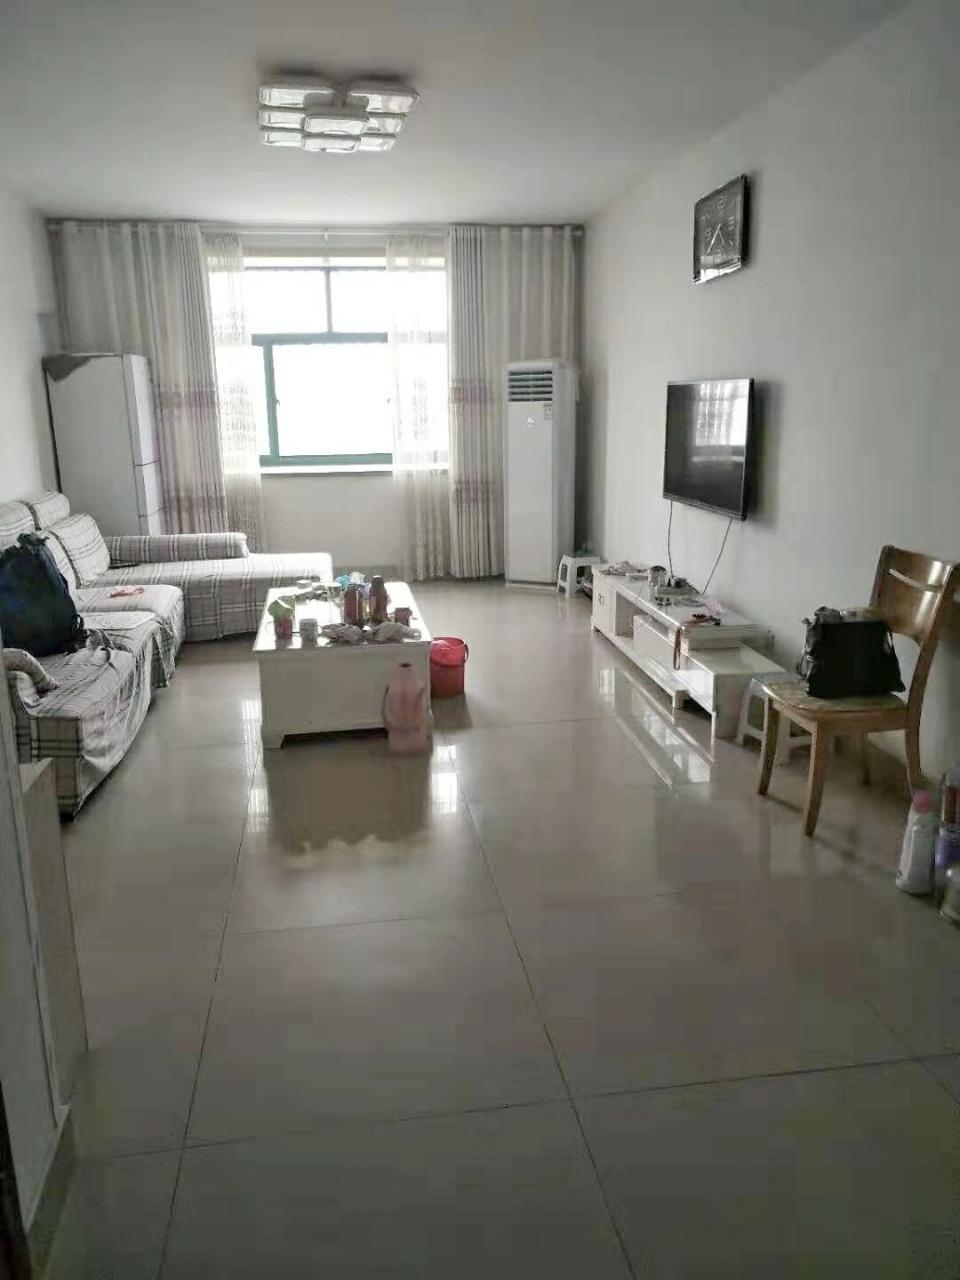 尚河丽景3室 2厅 1卫88万元